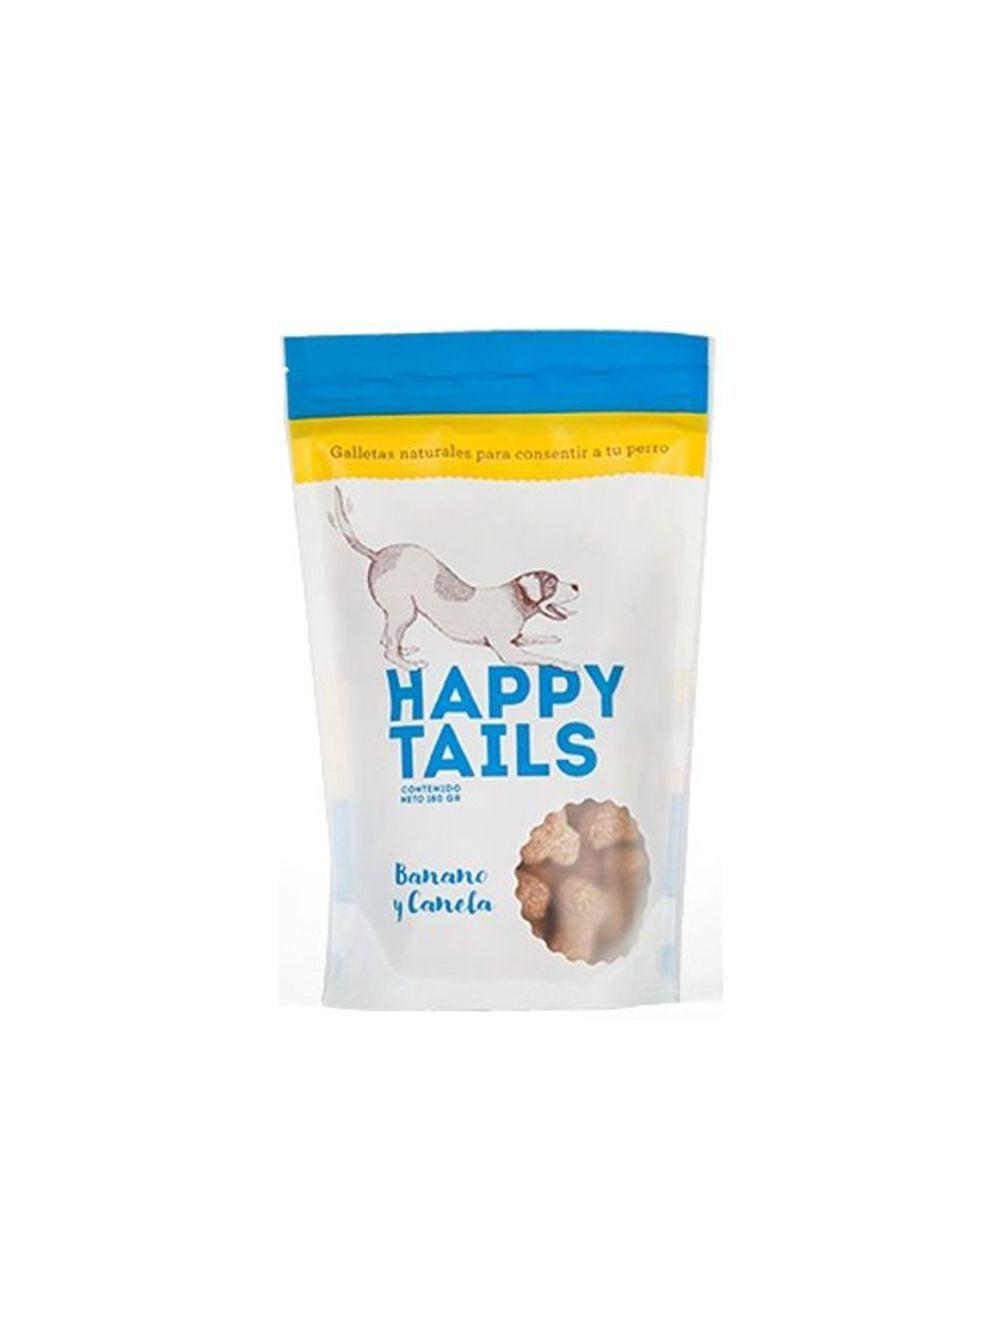 Happy Tails Banano y Canela - Ciudaddemascotas.com